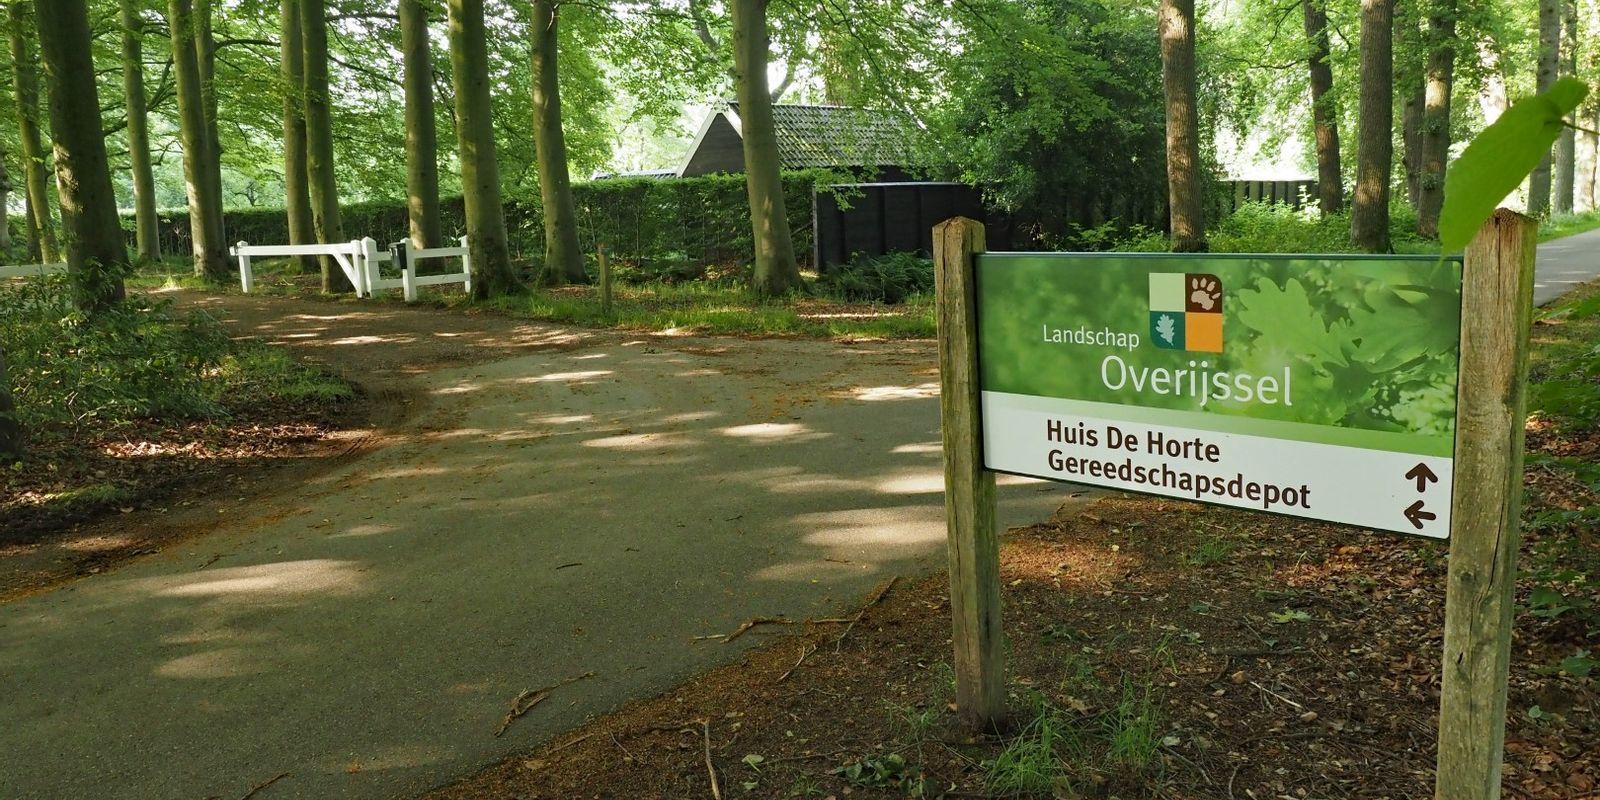 Landschap Overijssel depotbeheer  (1)